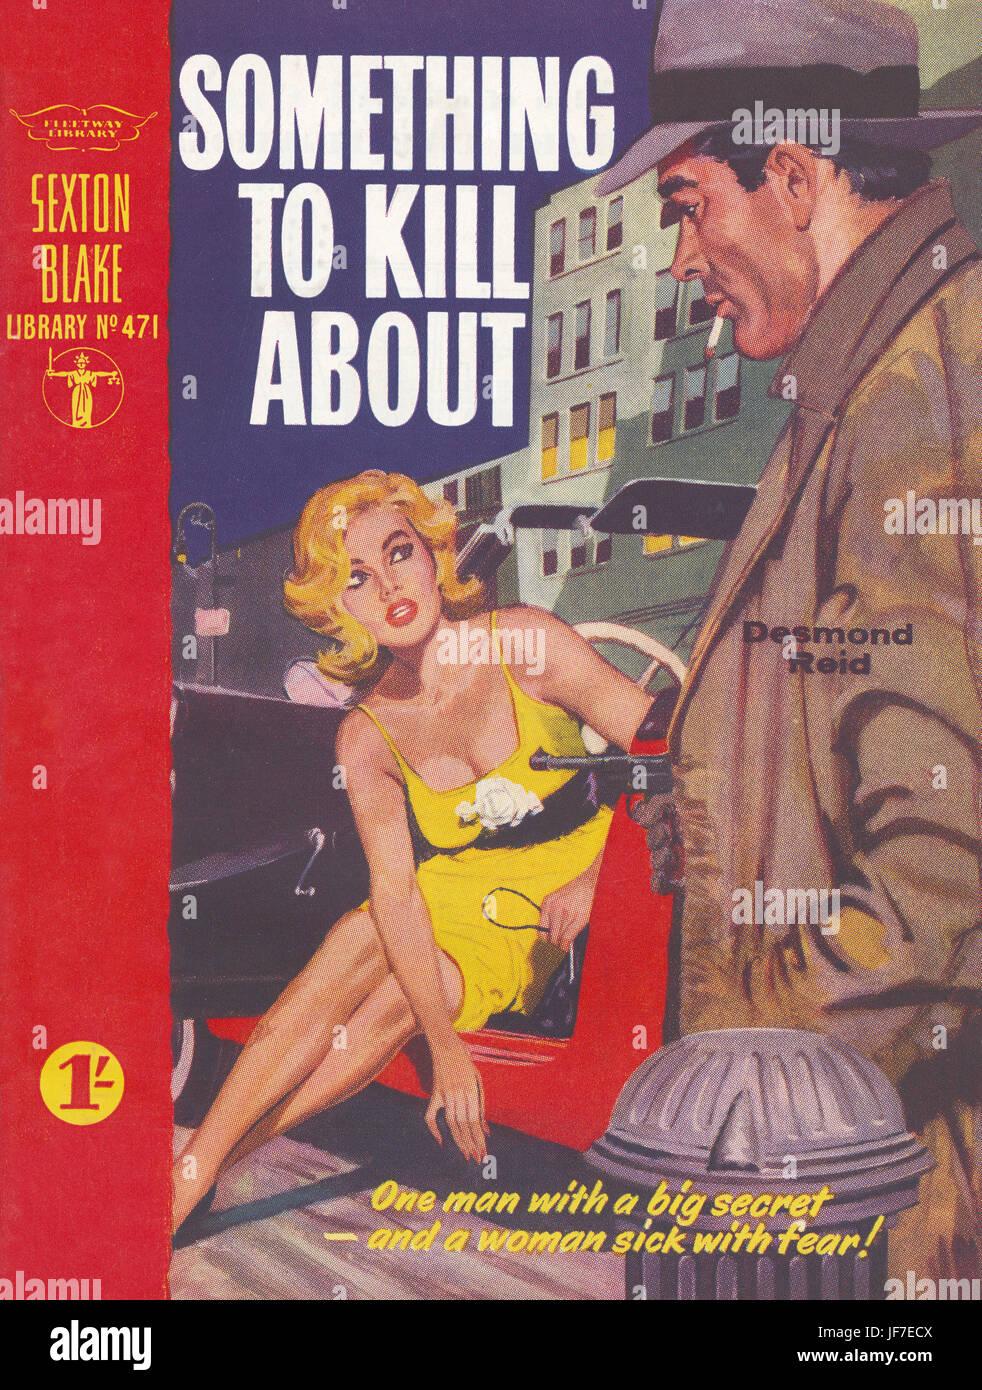 """""""Qualcosa di uccidere circa,"""" di Desmond Reid - Prenota illustrazione del coperchio. La didascalia recita, Immagini Stock"""